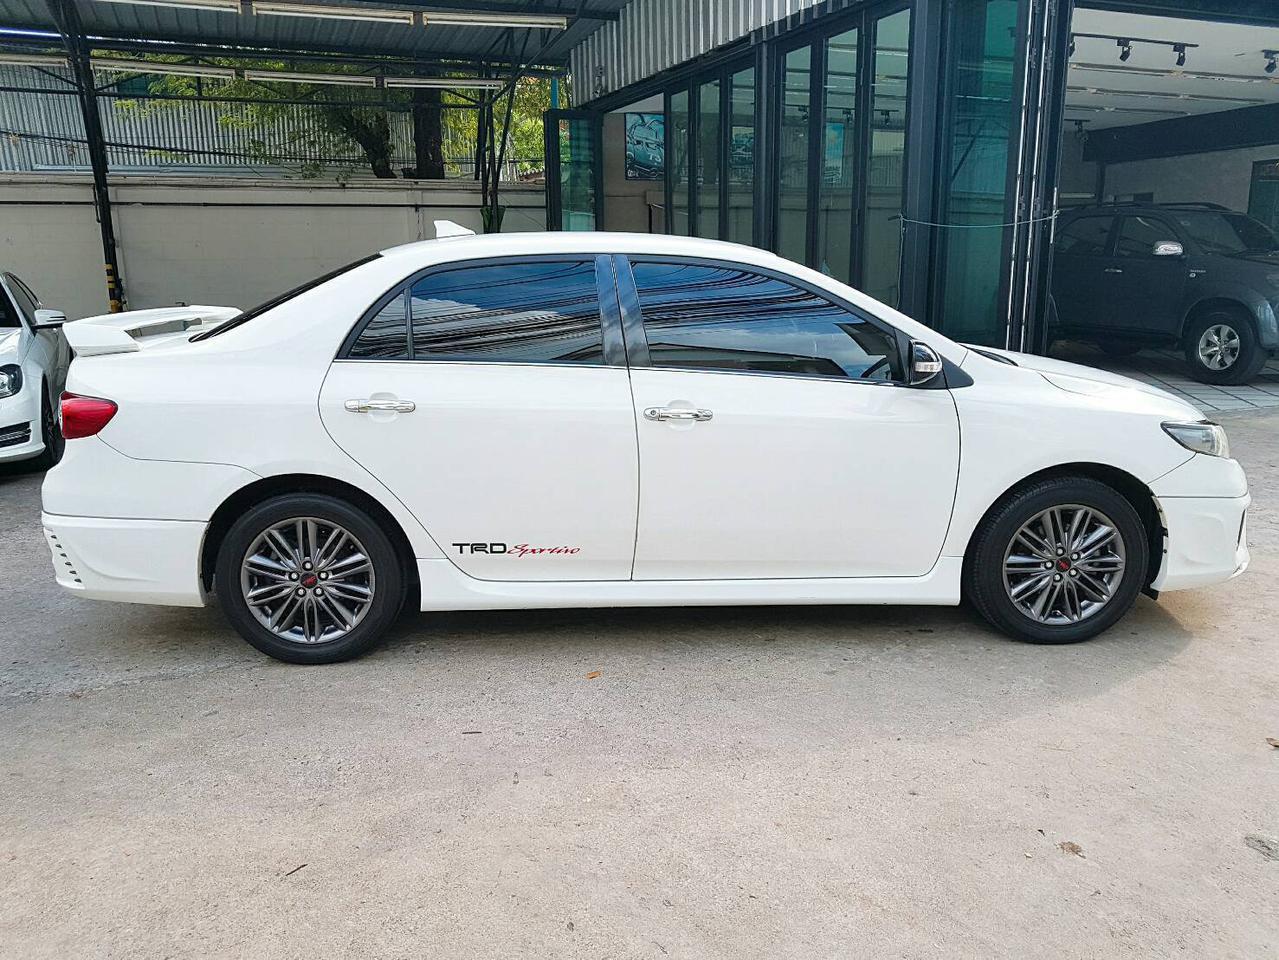 TOYOTA ALTIS SPORTIVO TRD 1.8 รถปี 2011 สีขาว รถบ้าน สวยมากครับ  รูปที่ 4